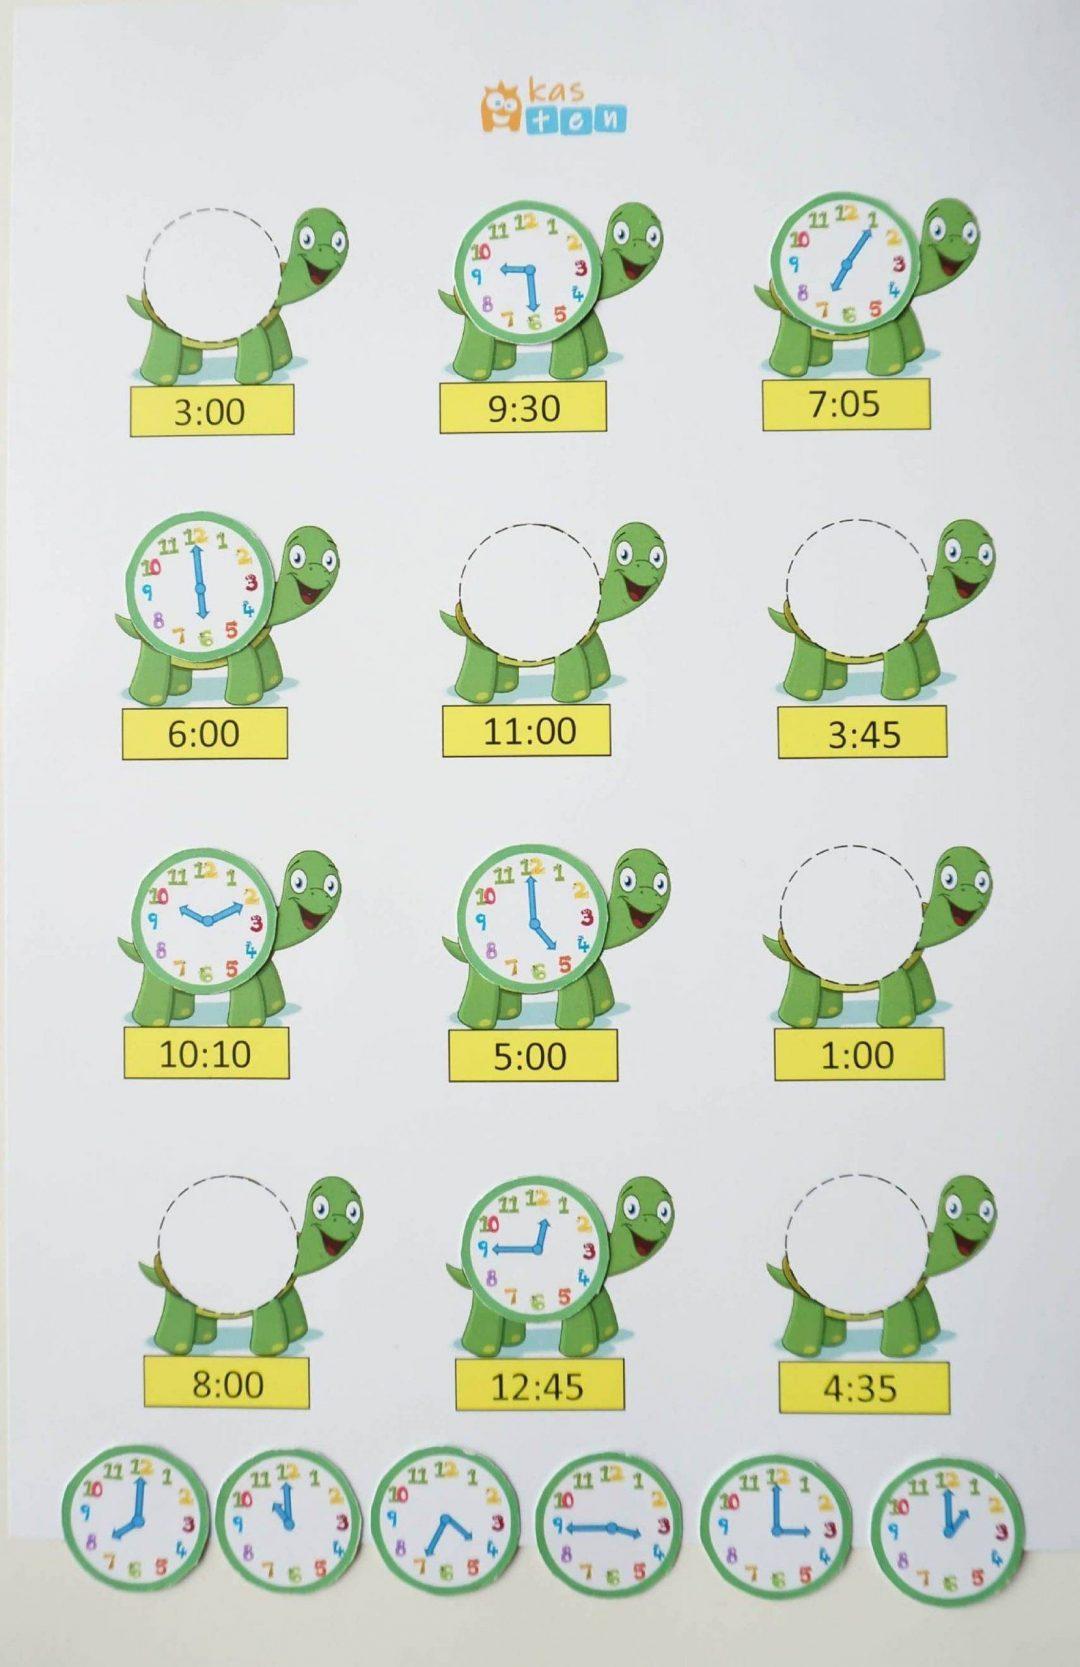 Lavinamoji užduotis kiek valandų